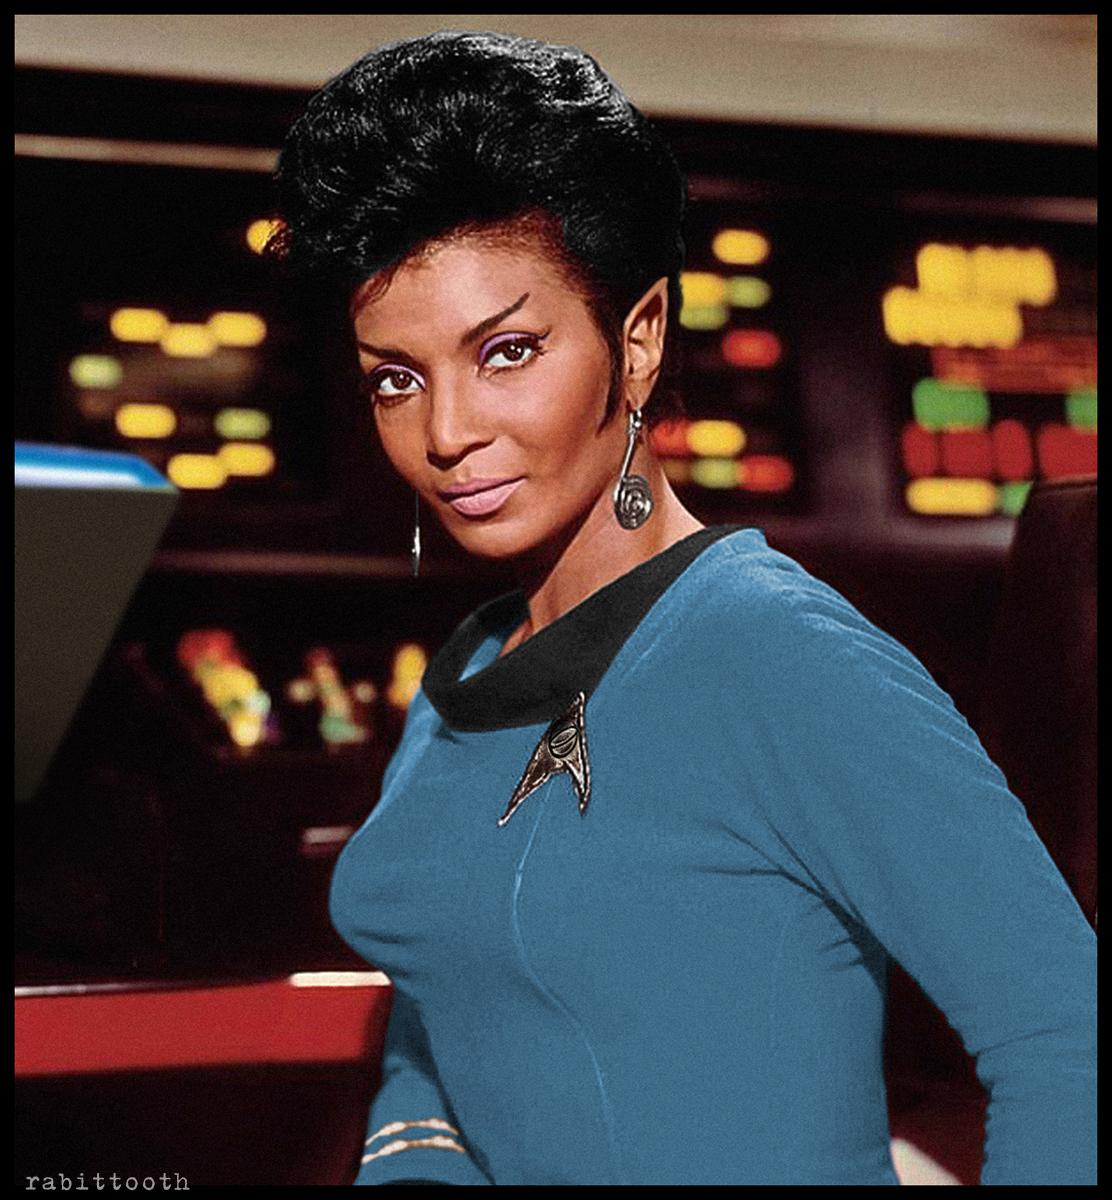 Commander Uhura of Vulcan